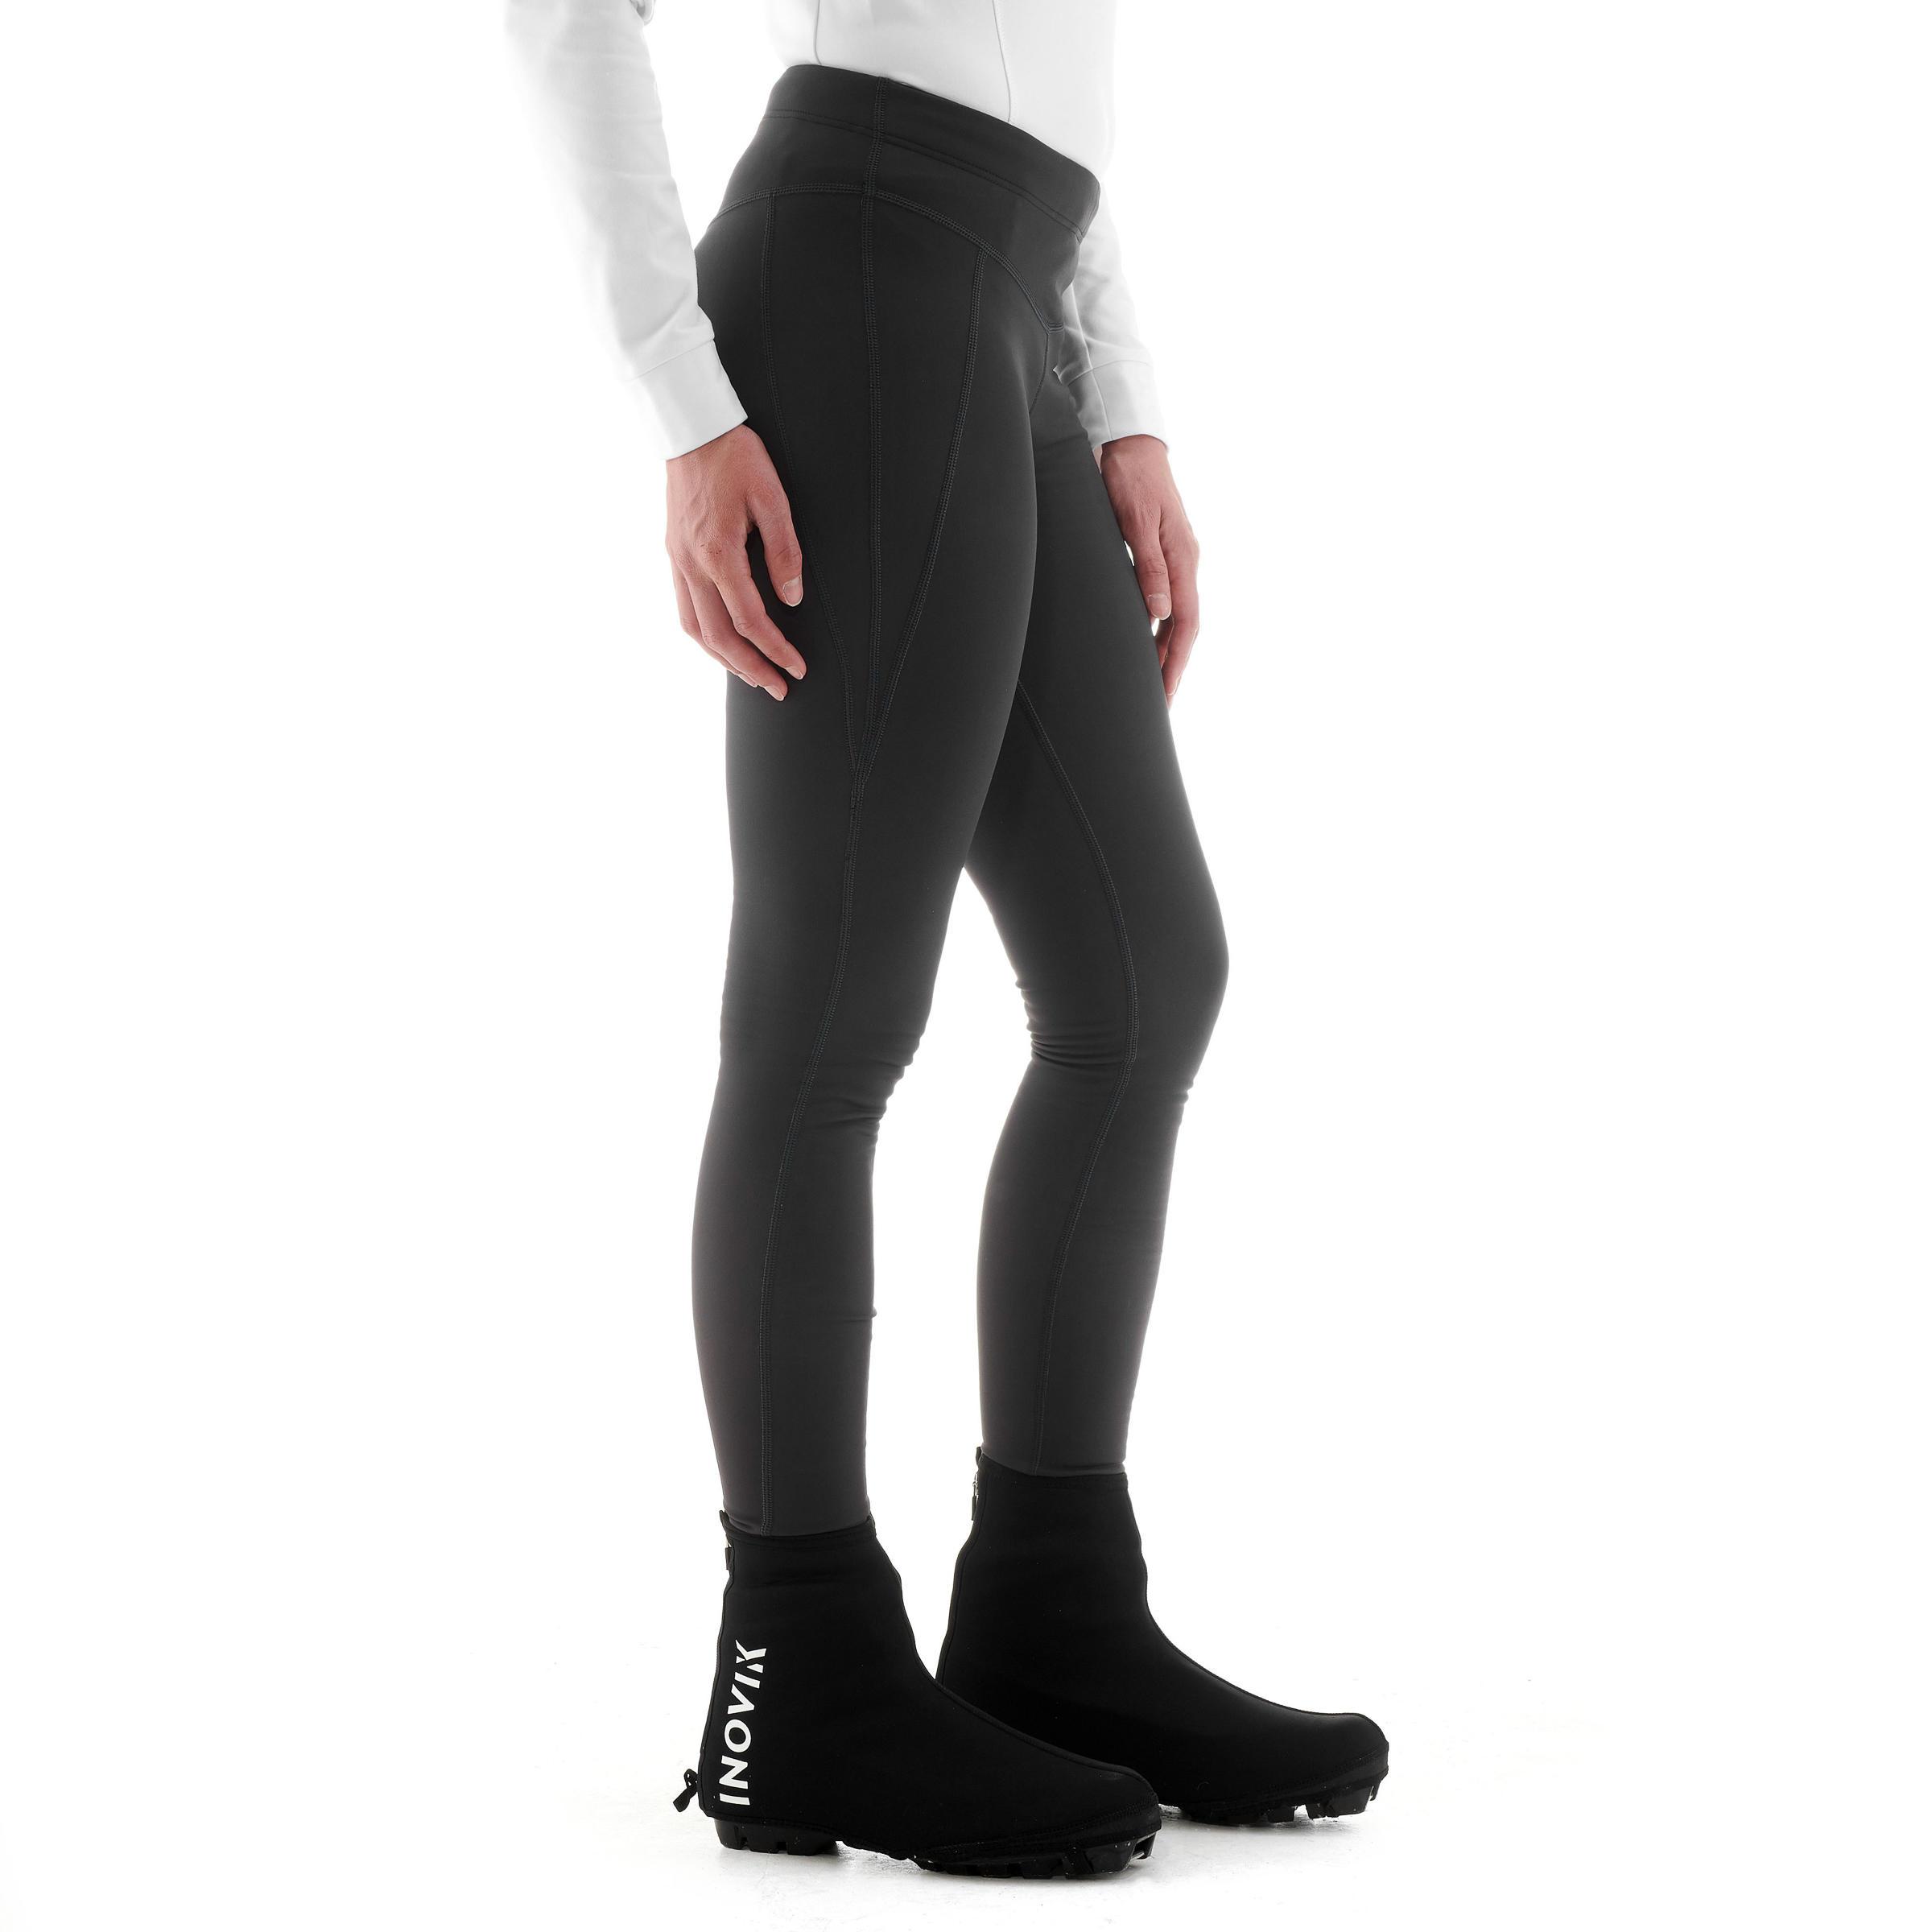 collant-de-ski-de-fond-femme-xc-s-serres100-noir.jpg 53ae840027a